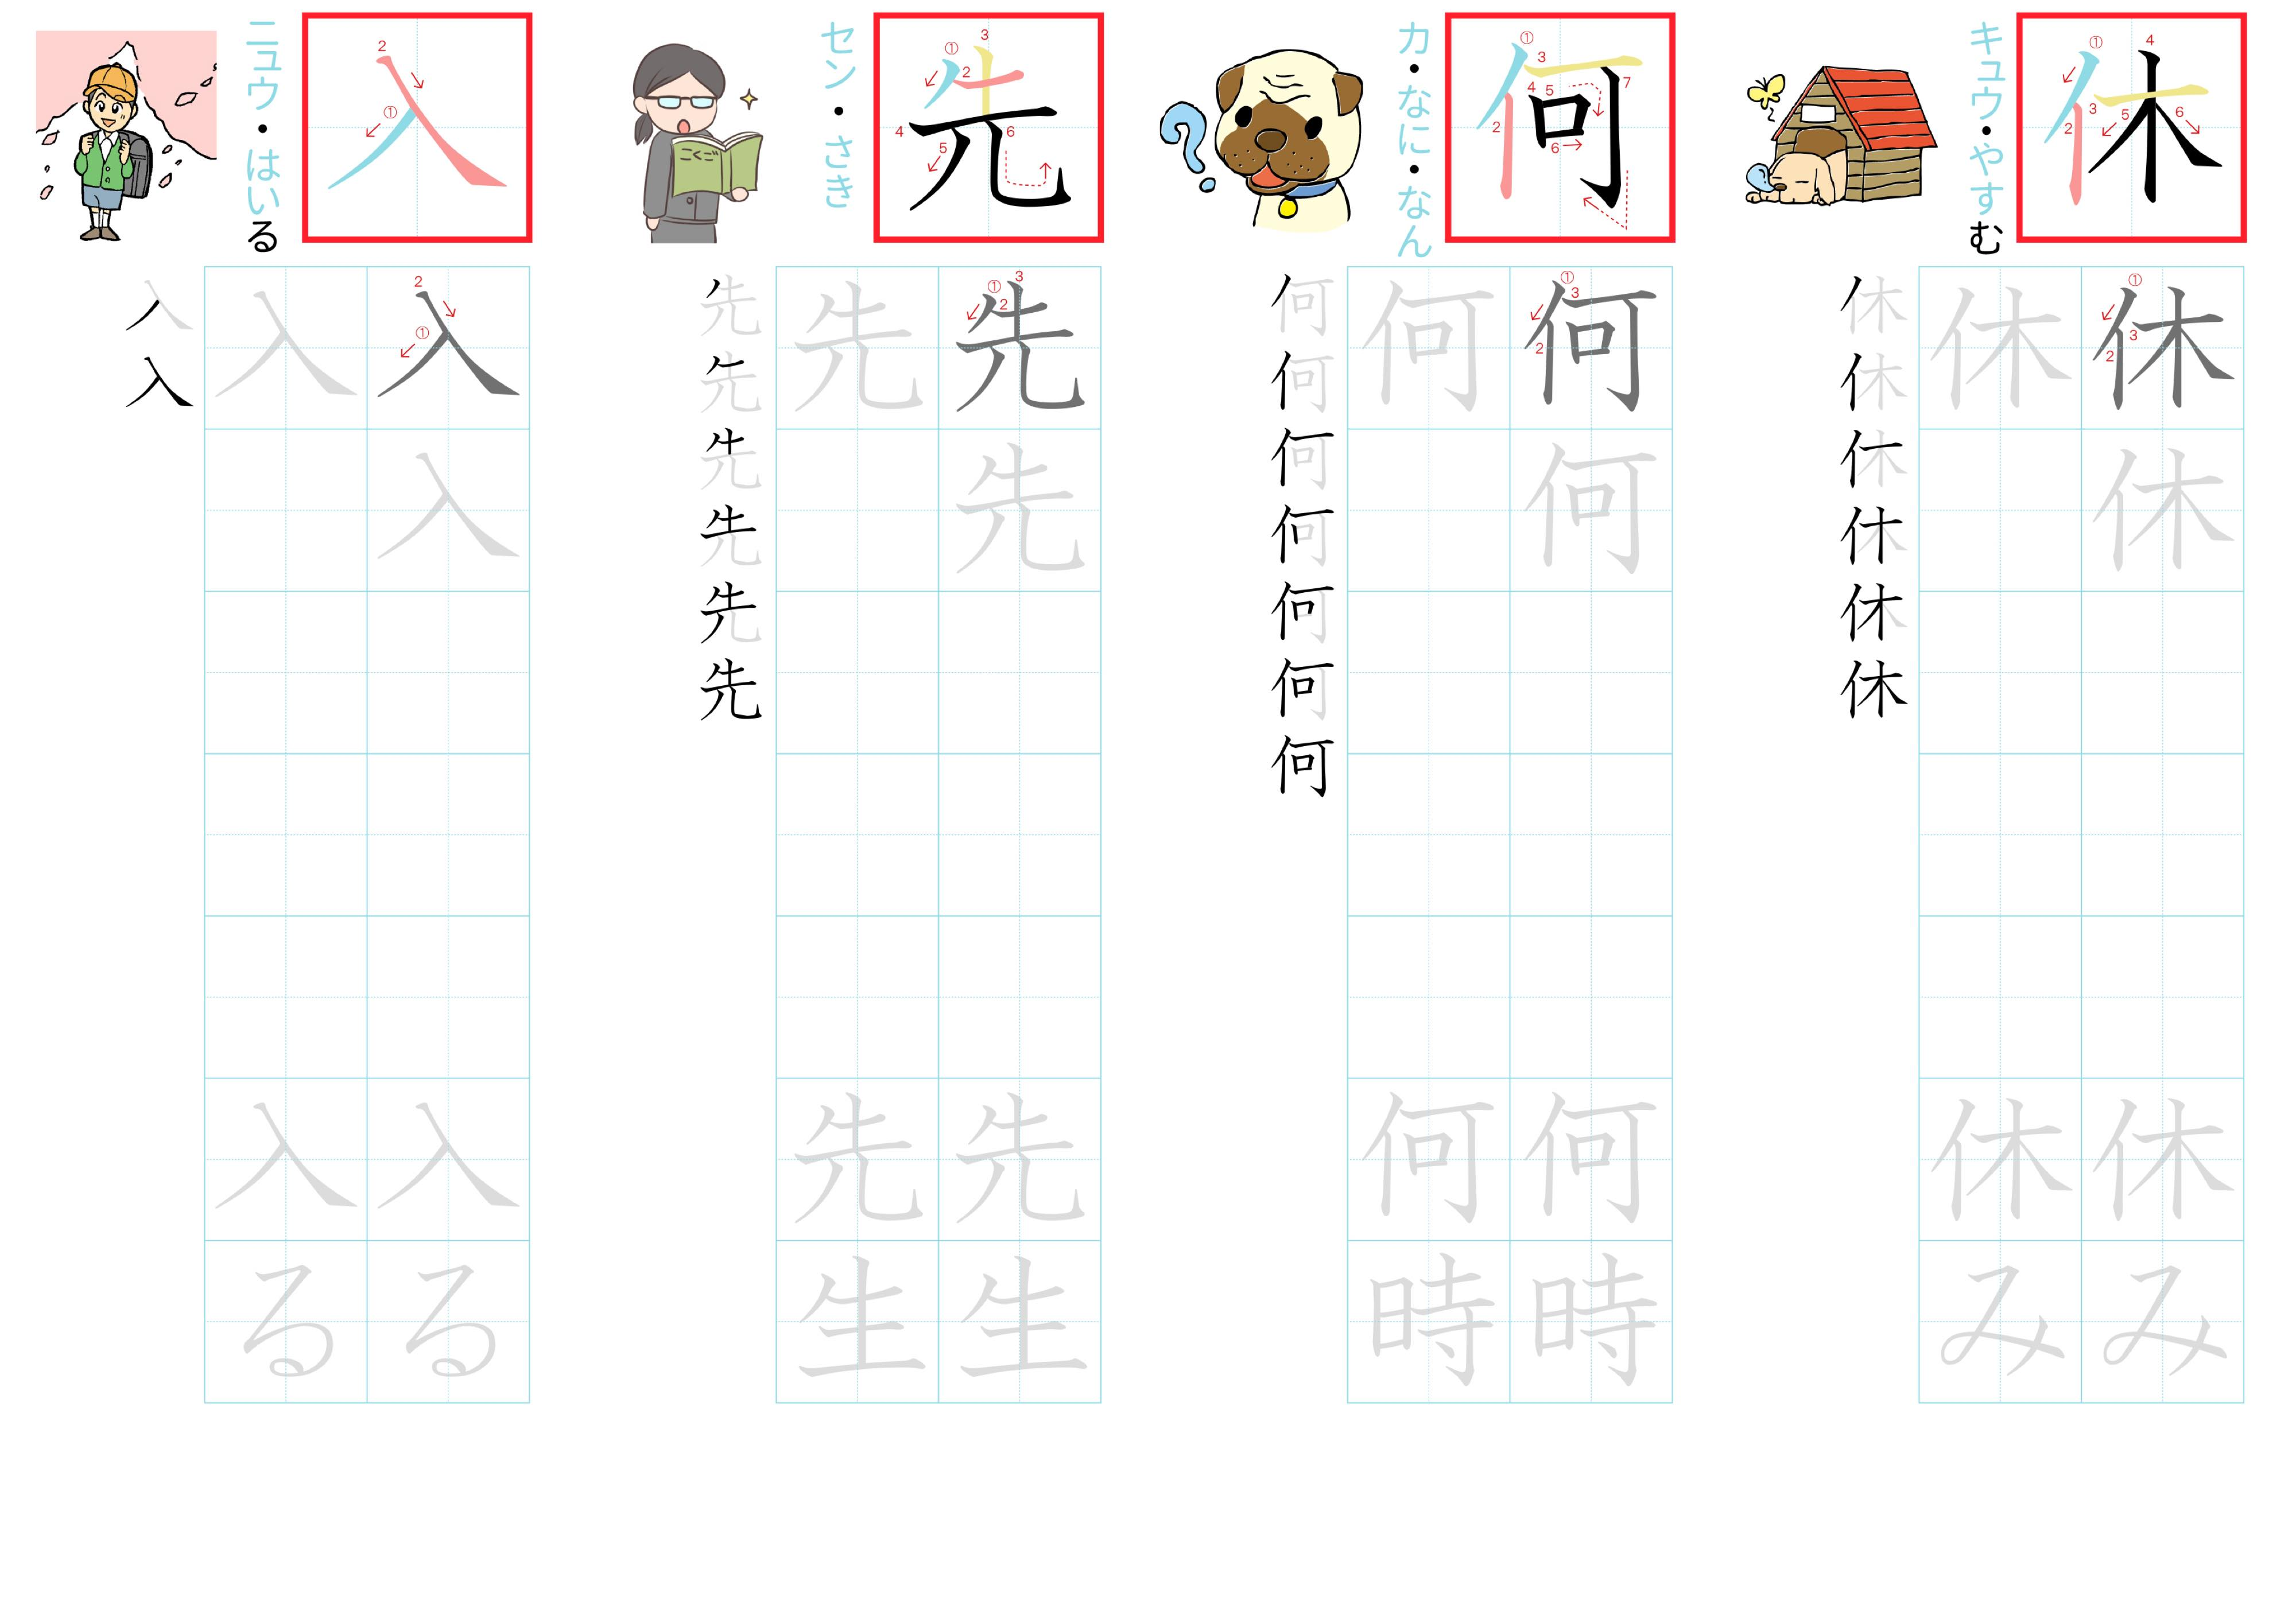 kanji-practice-card-n5-japanese-004